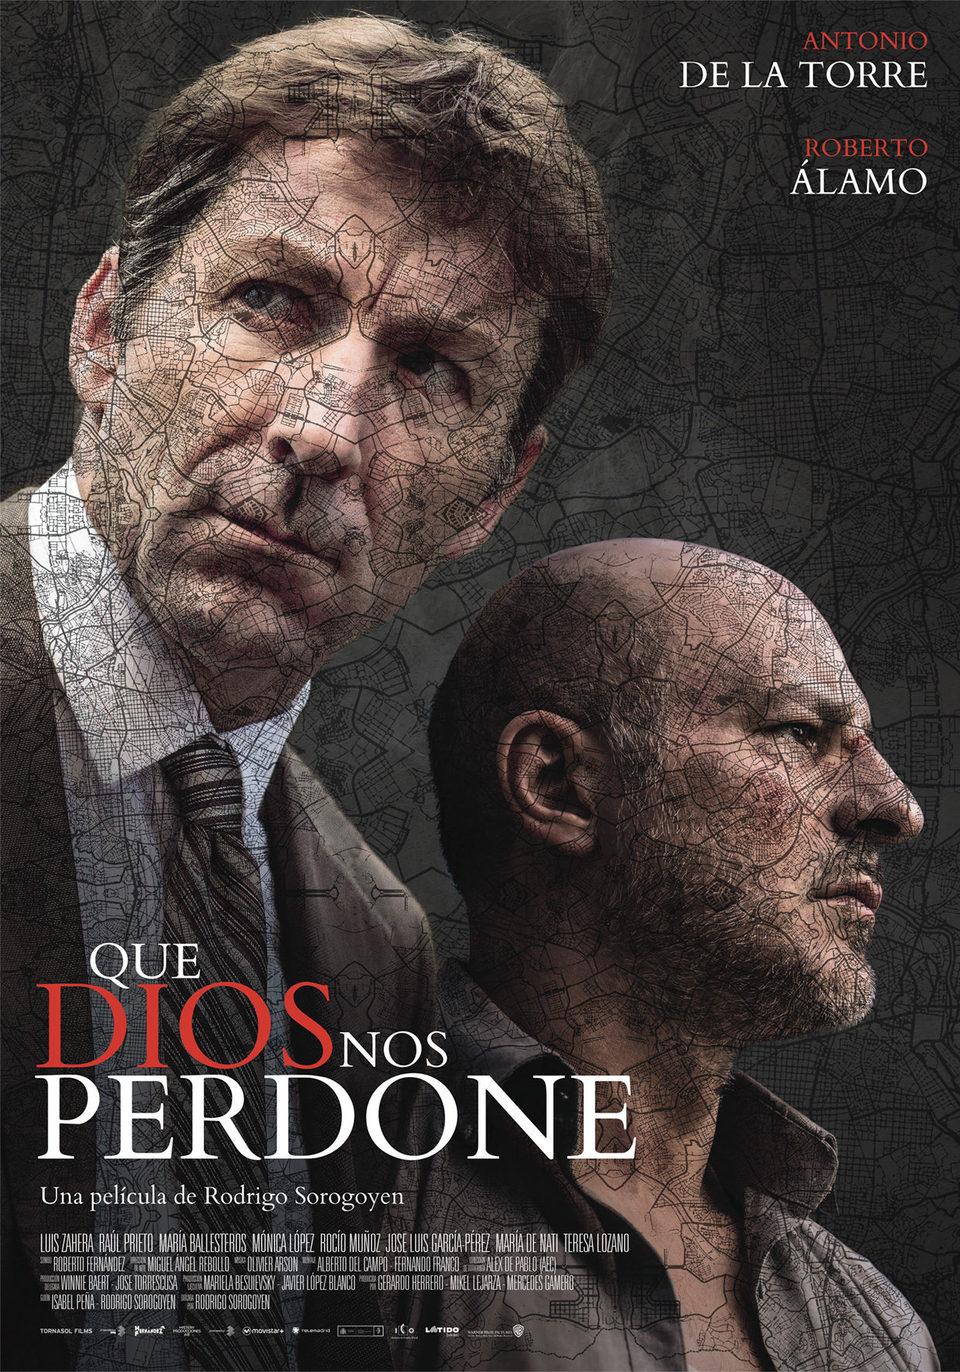 España poster for Que Dios nos perdone